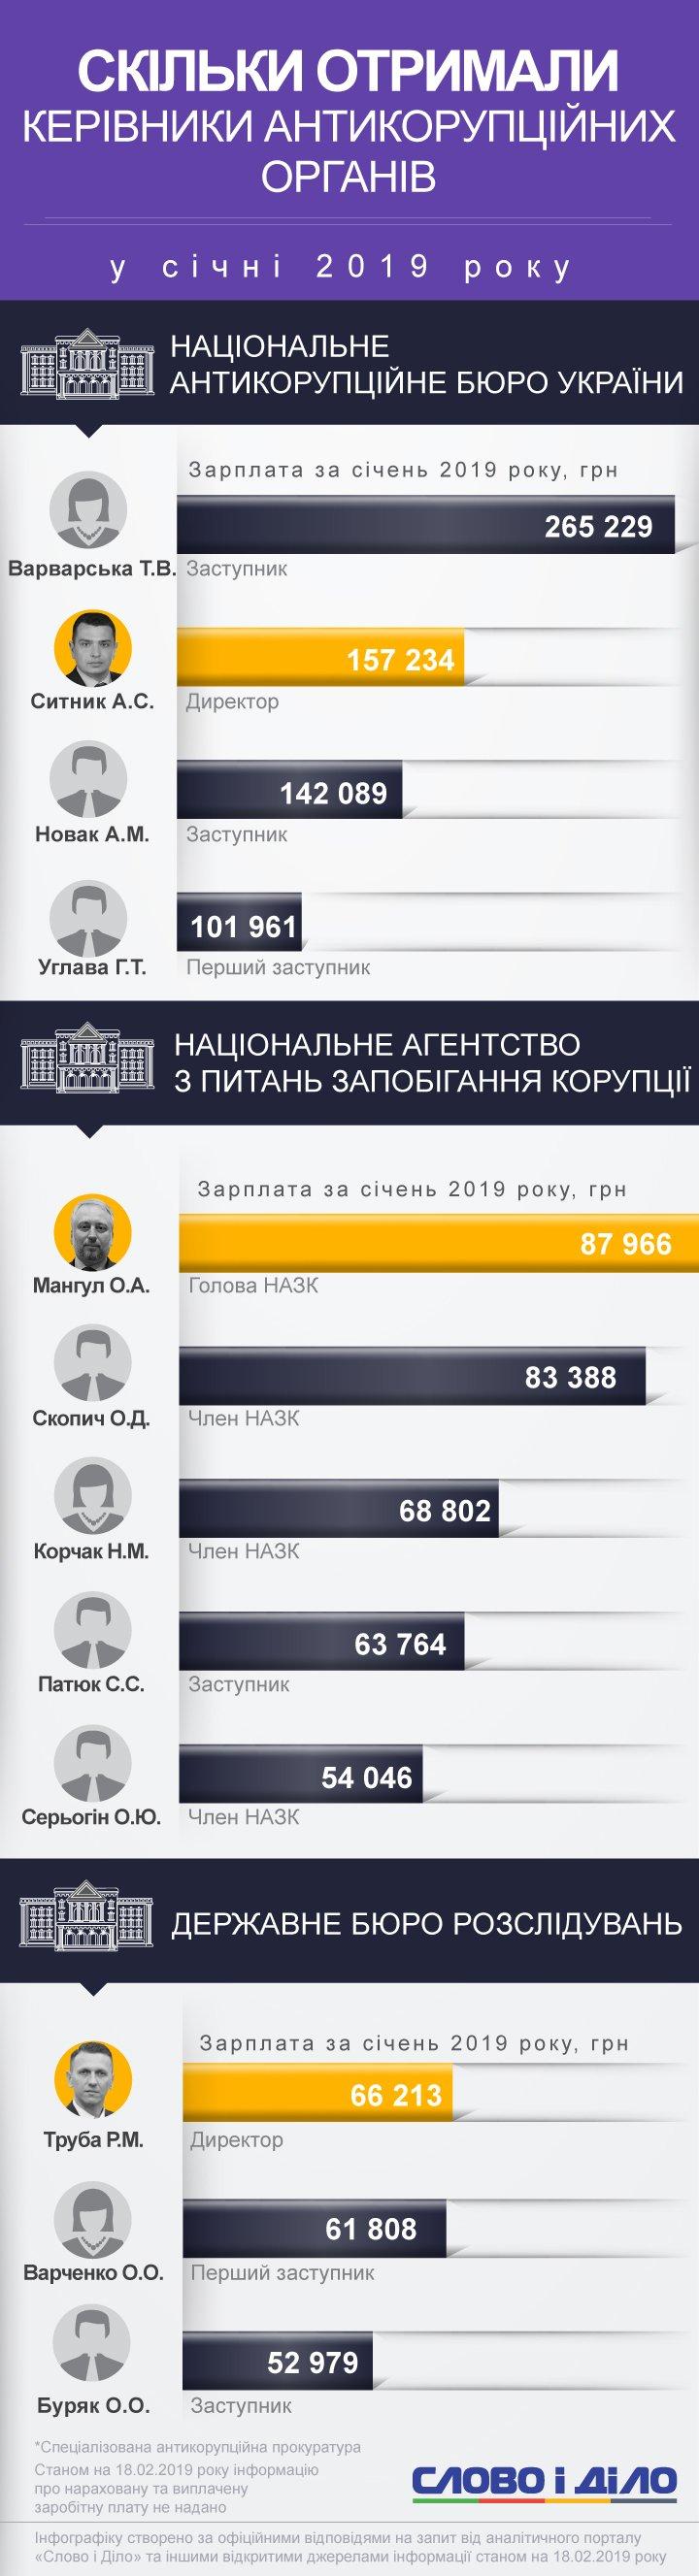 Найбільш високооплачуваним антикорупціонером грудня стала заступник глави НАБУ Тетяна Варварська.